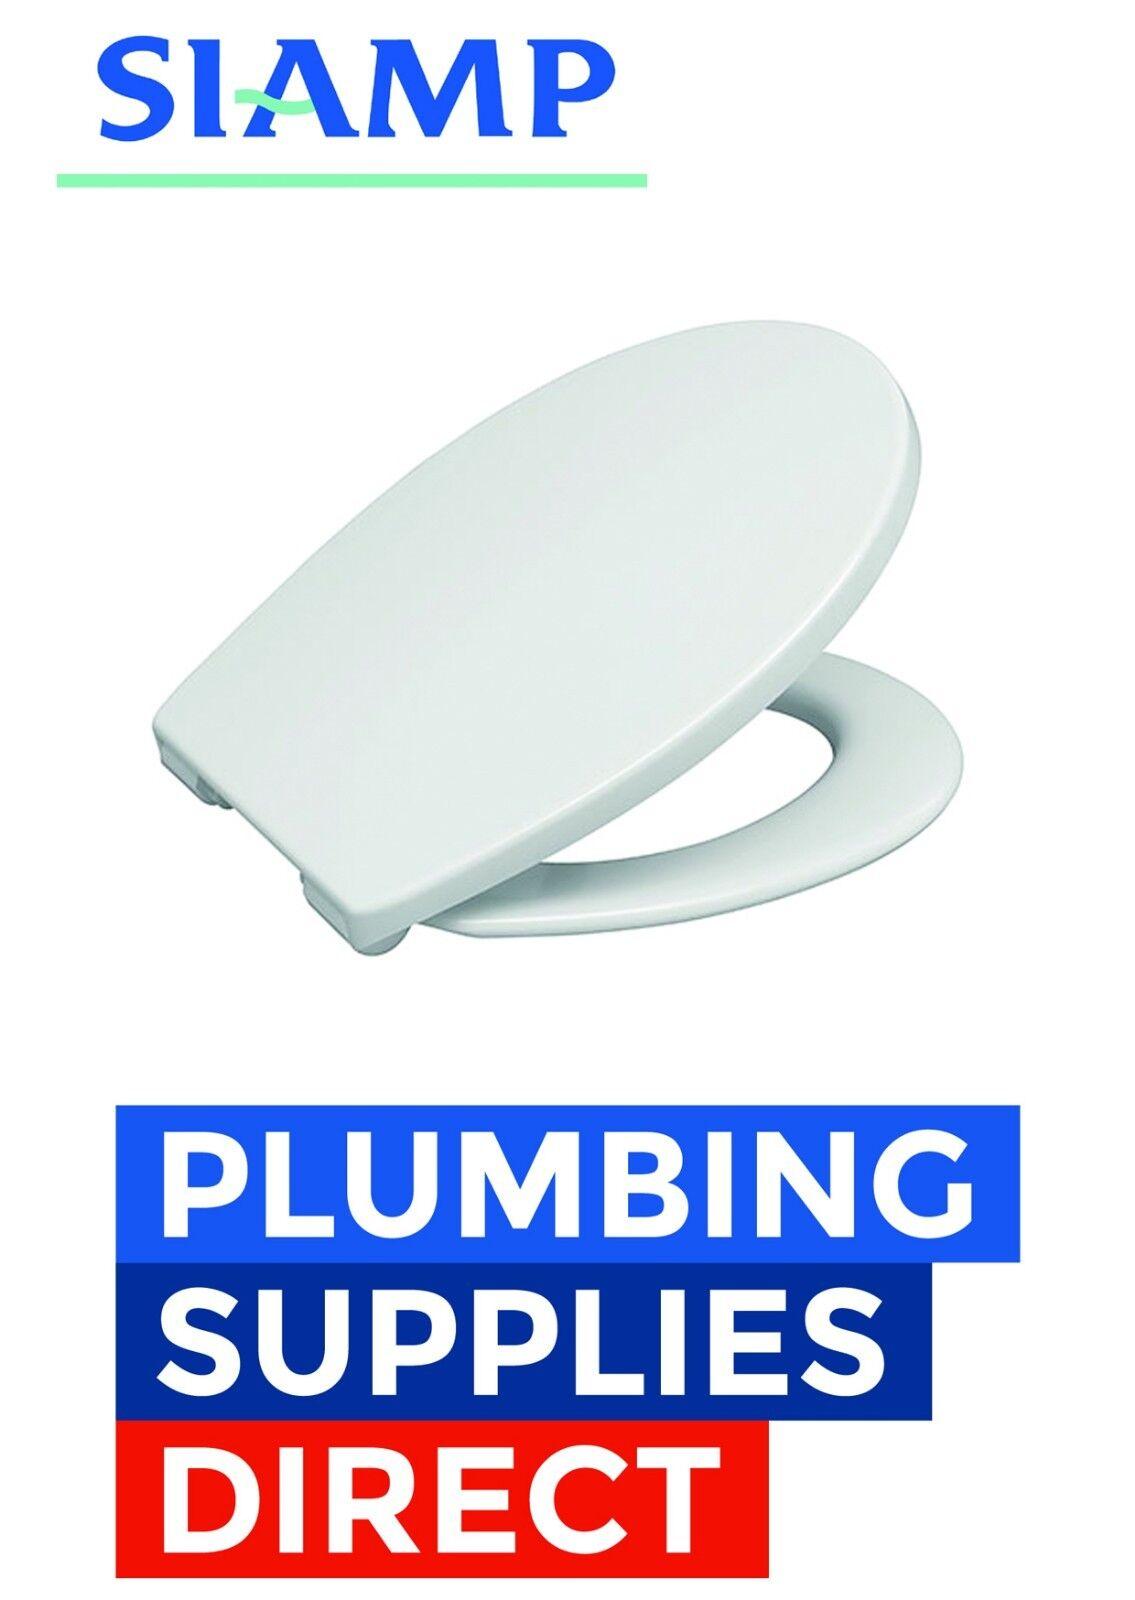 Siamp-Abattant Premium Thermodur plastique siège soft close Charnières - 60 6980 00